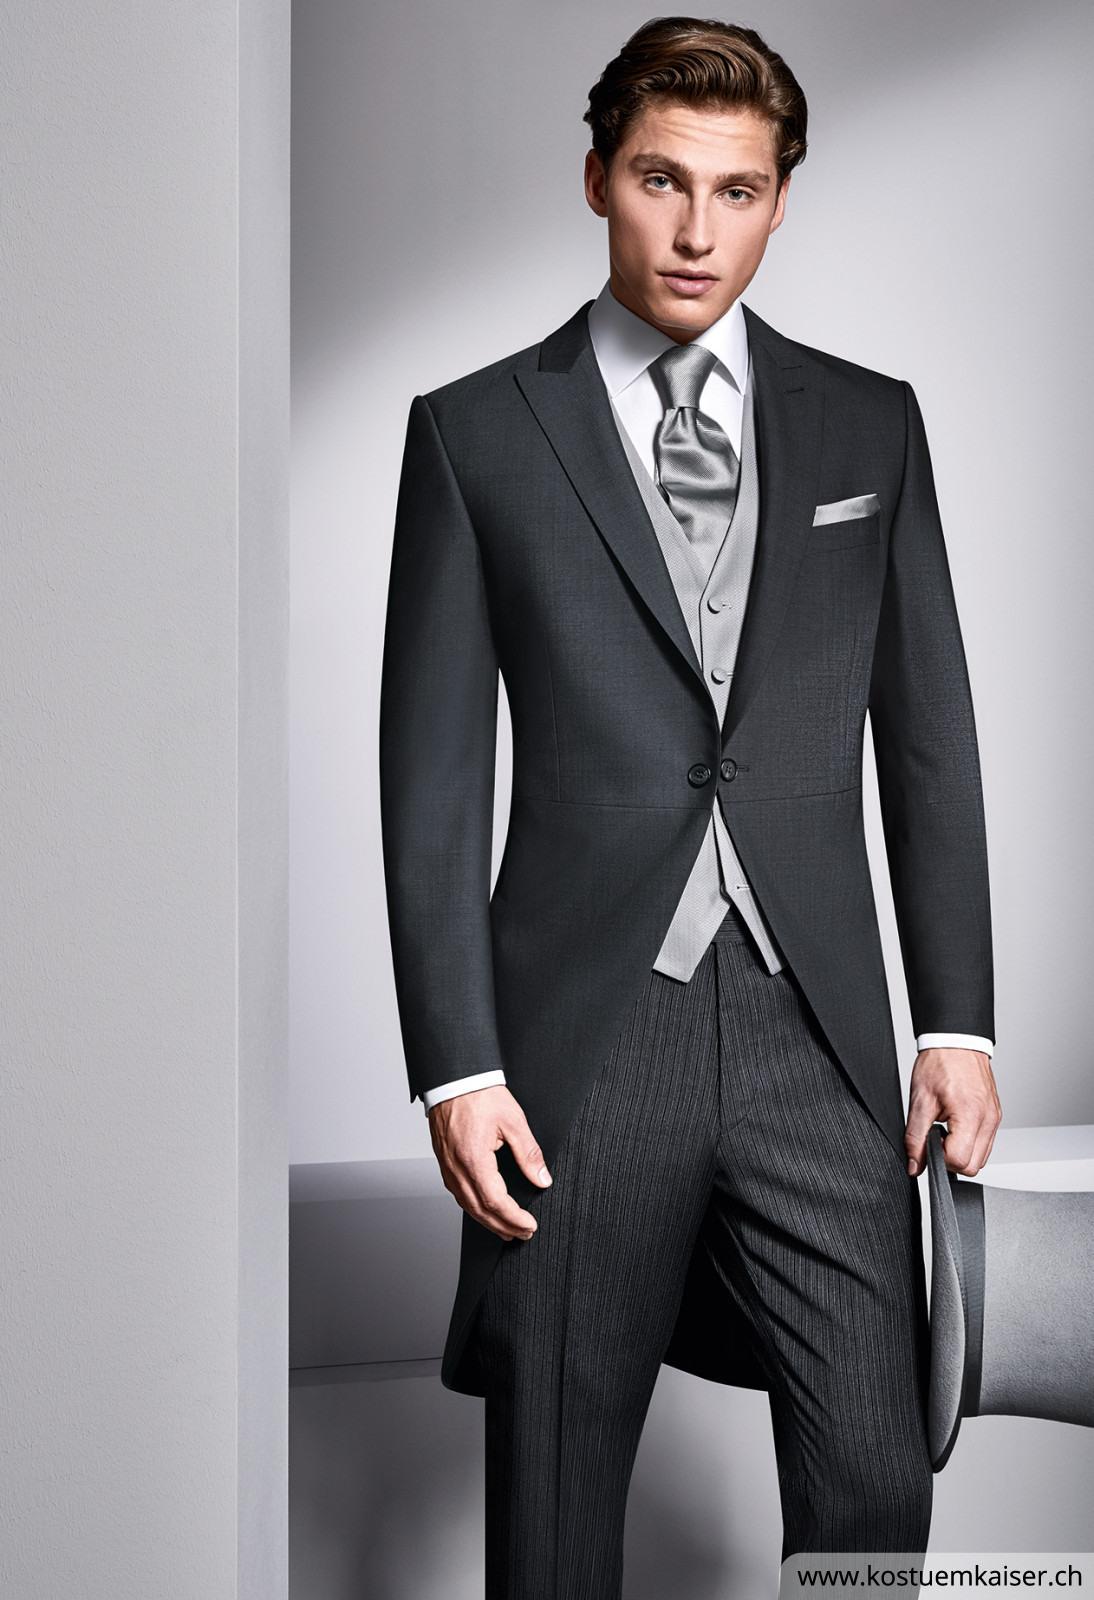 Abend Coolste Abendbekleidung Herren ÄrmelAbend Großartig Abendbekleidung Herren Vertrieb